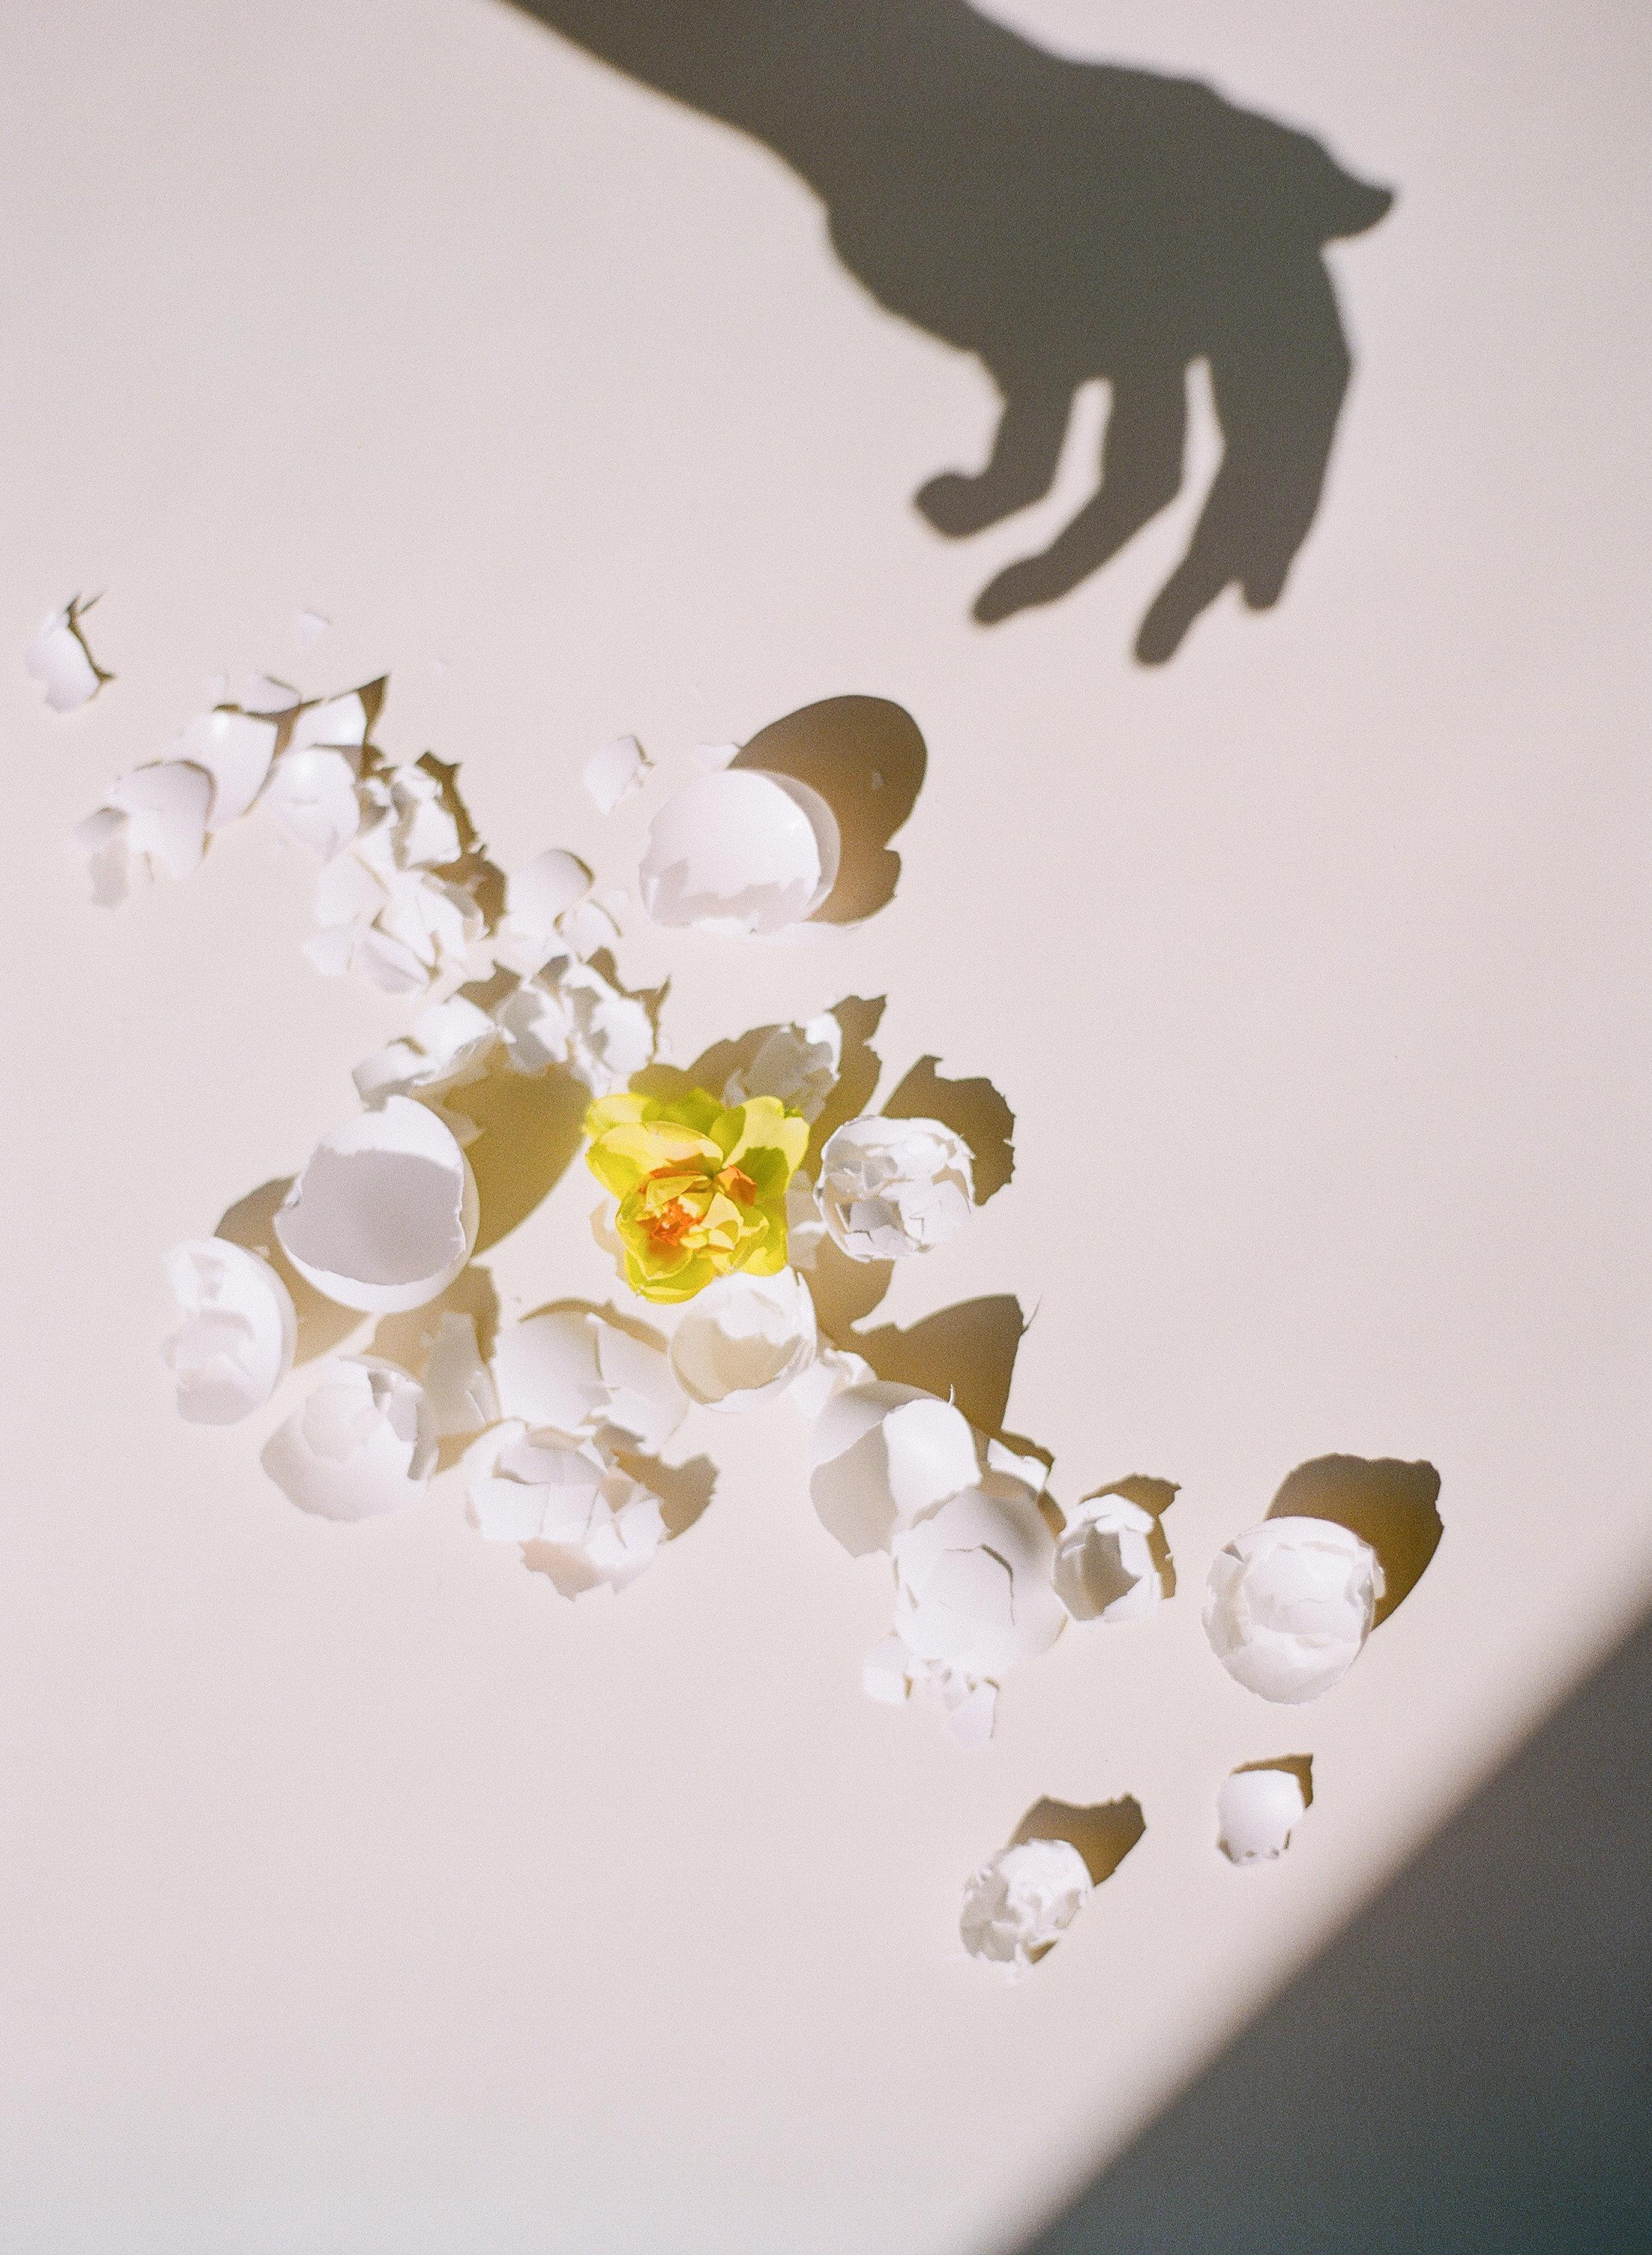 006_FriedEggs&Flowers.jpg